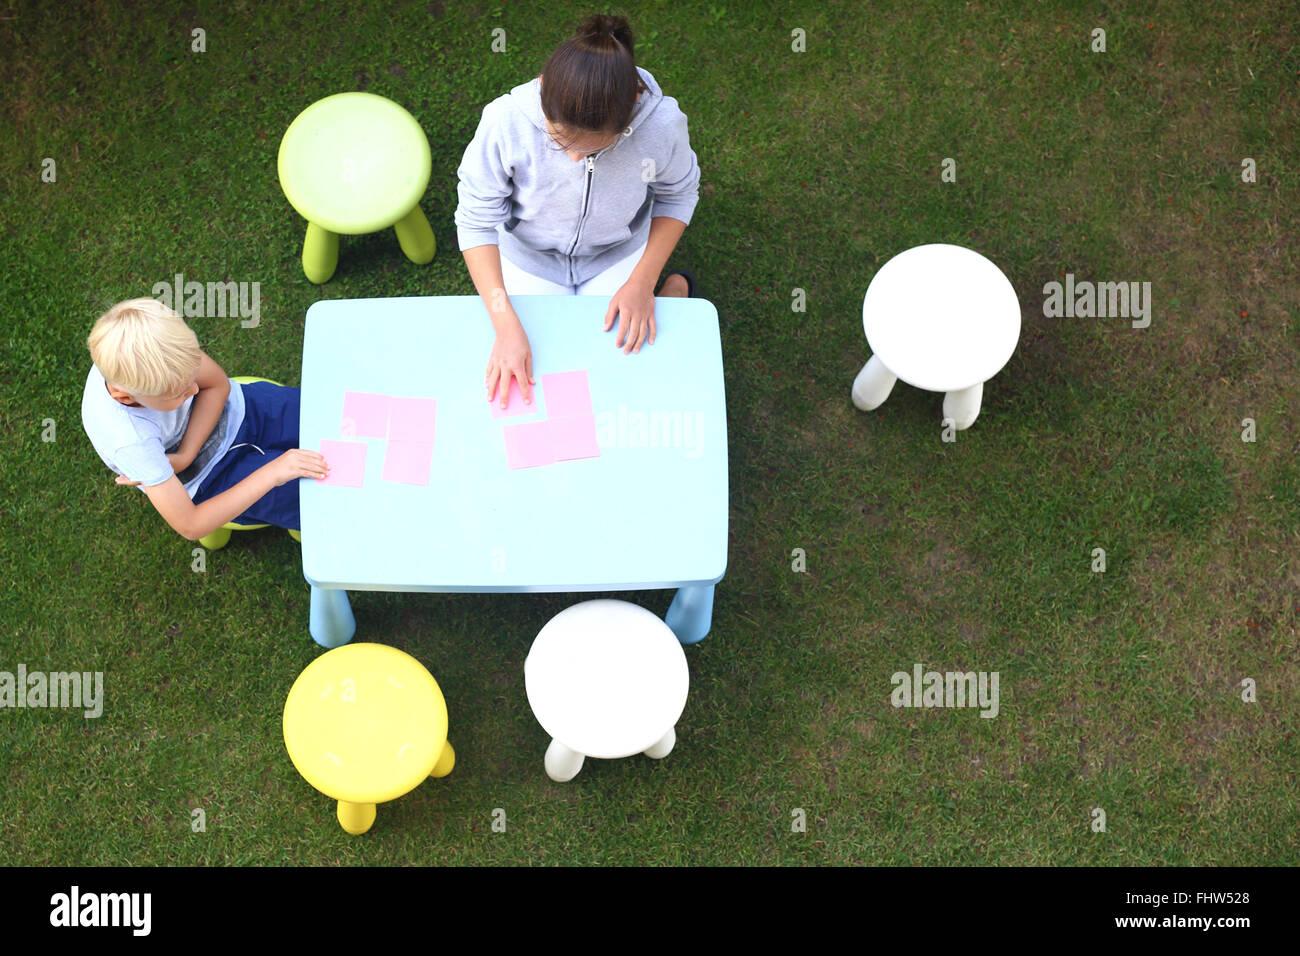 Divertenti attività all'aperto. Divertimento creativo per la noia. I bambini giocano in giardino si disegna Immagini Stock